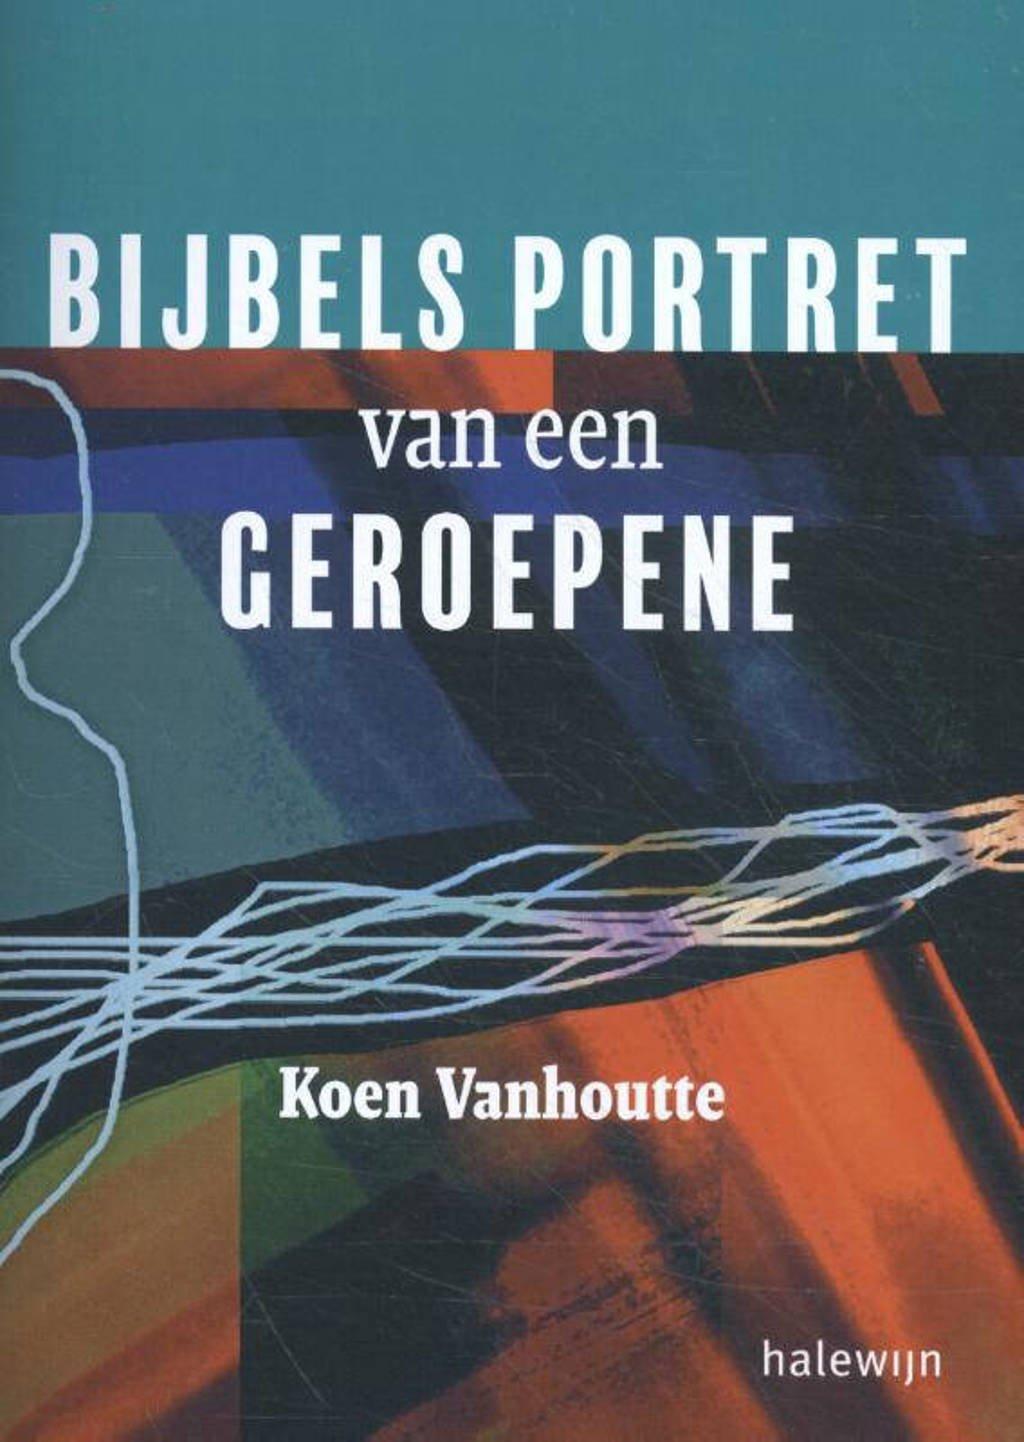 Bijbels portret van een geroepene - Koen Vanhoutte